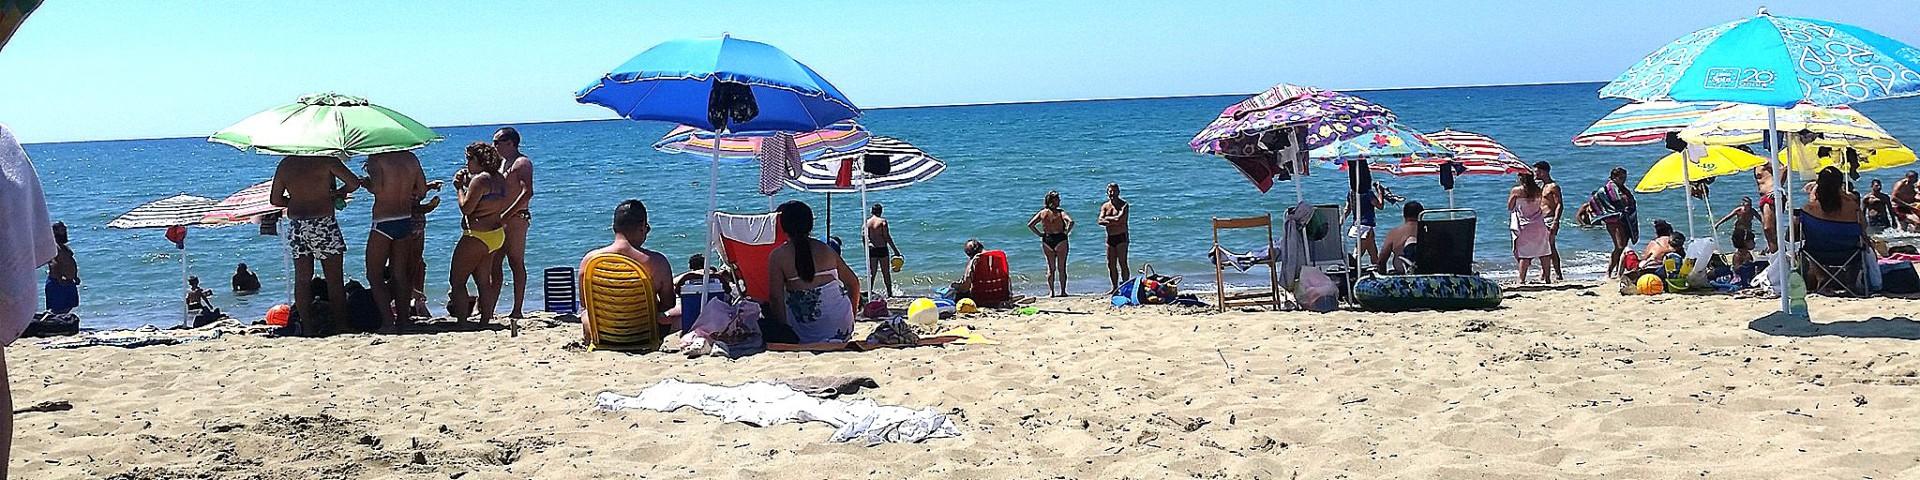 Marina di Eboli má písčité pláže, tak typické pro celý záliv